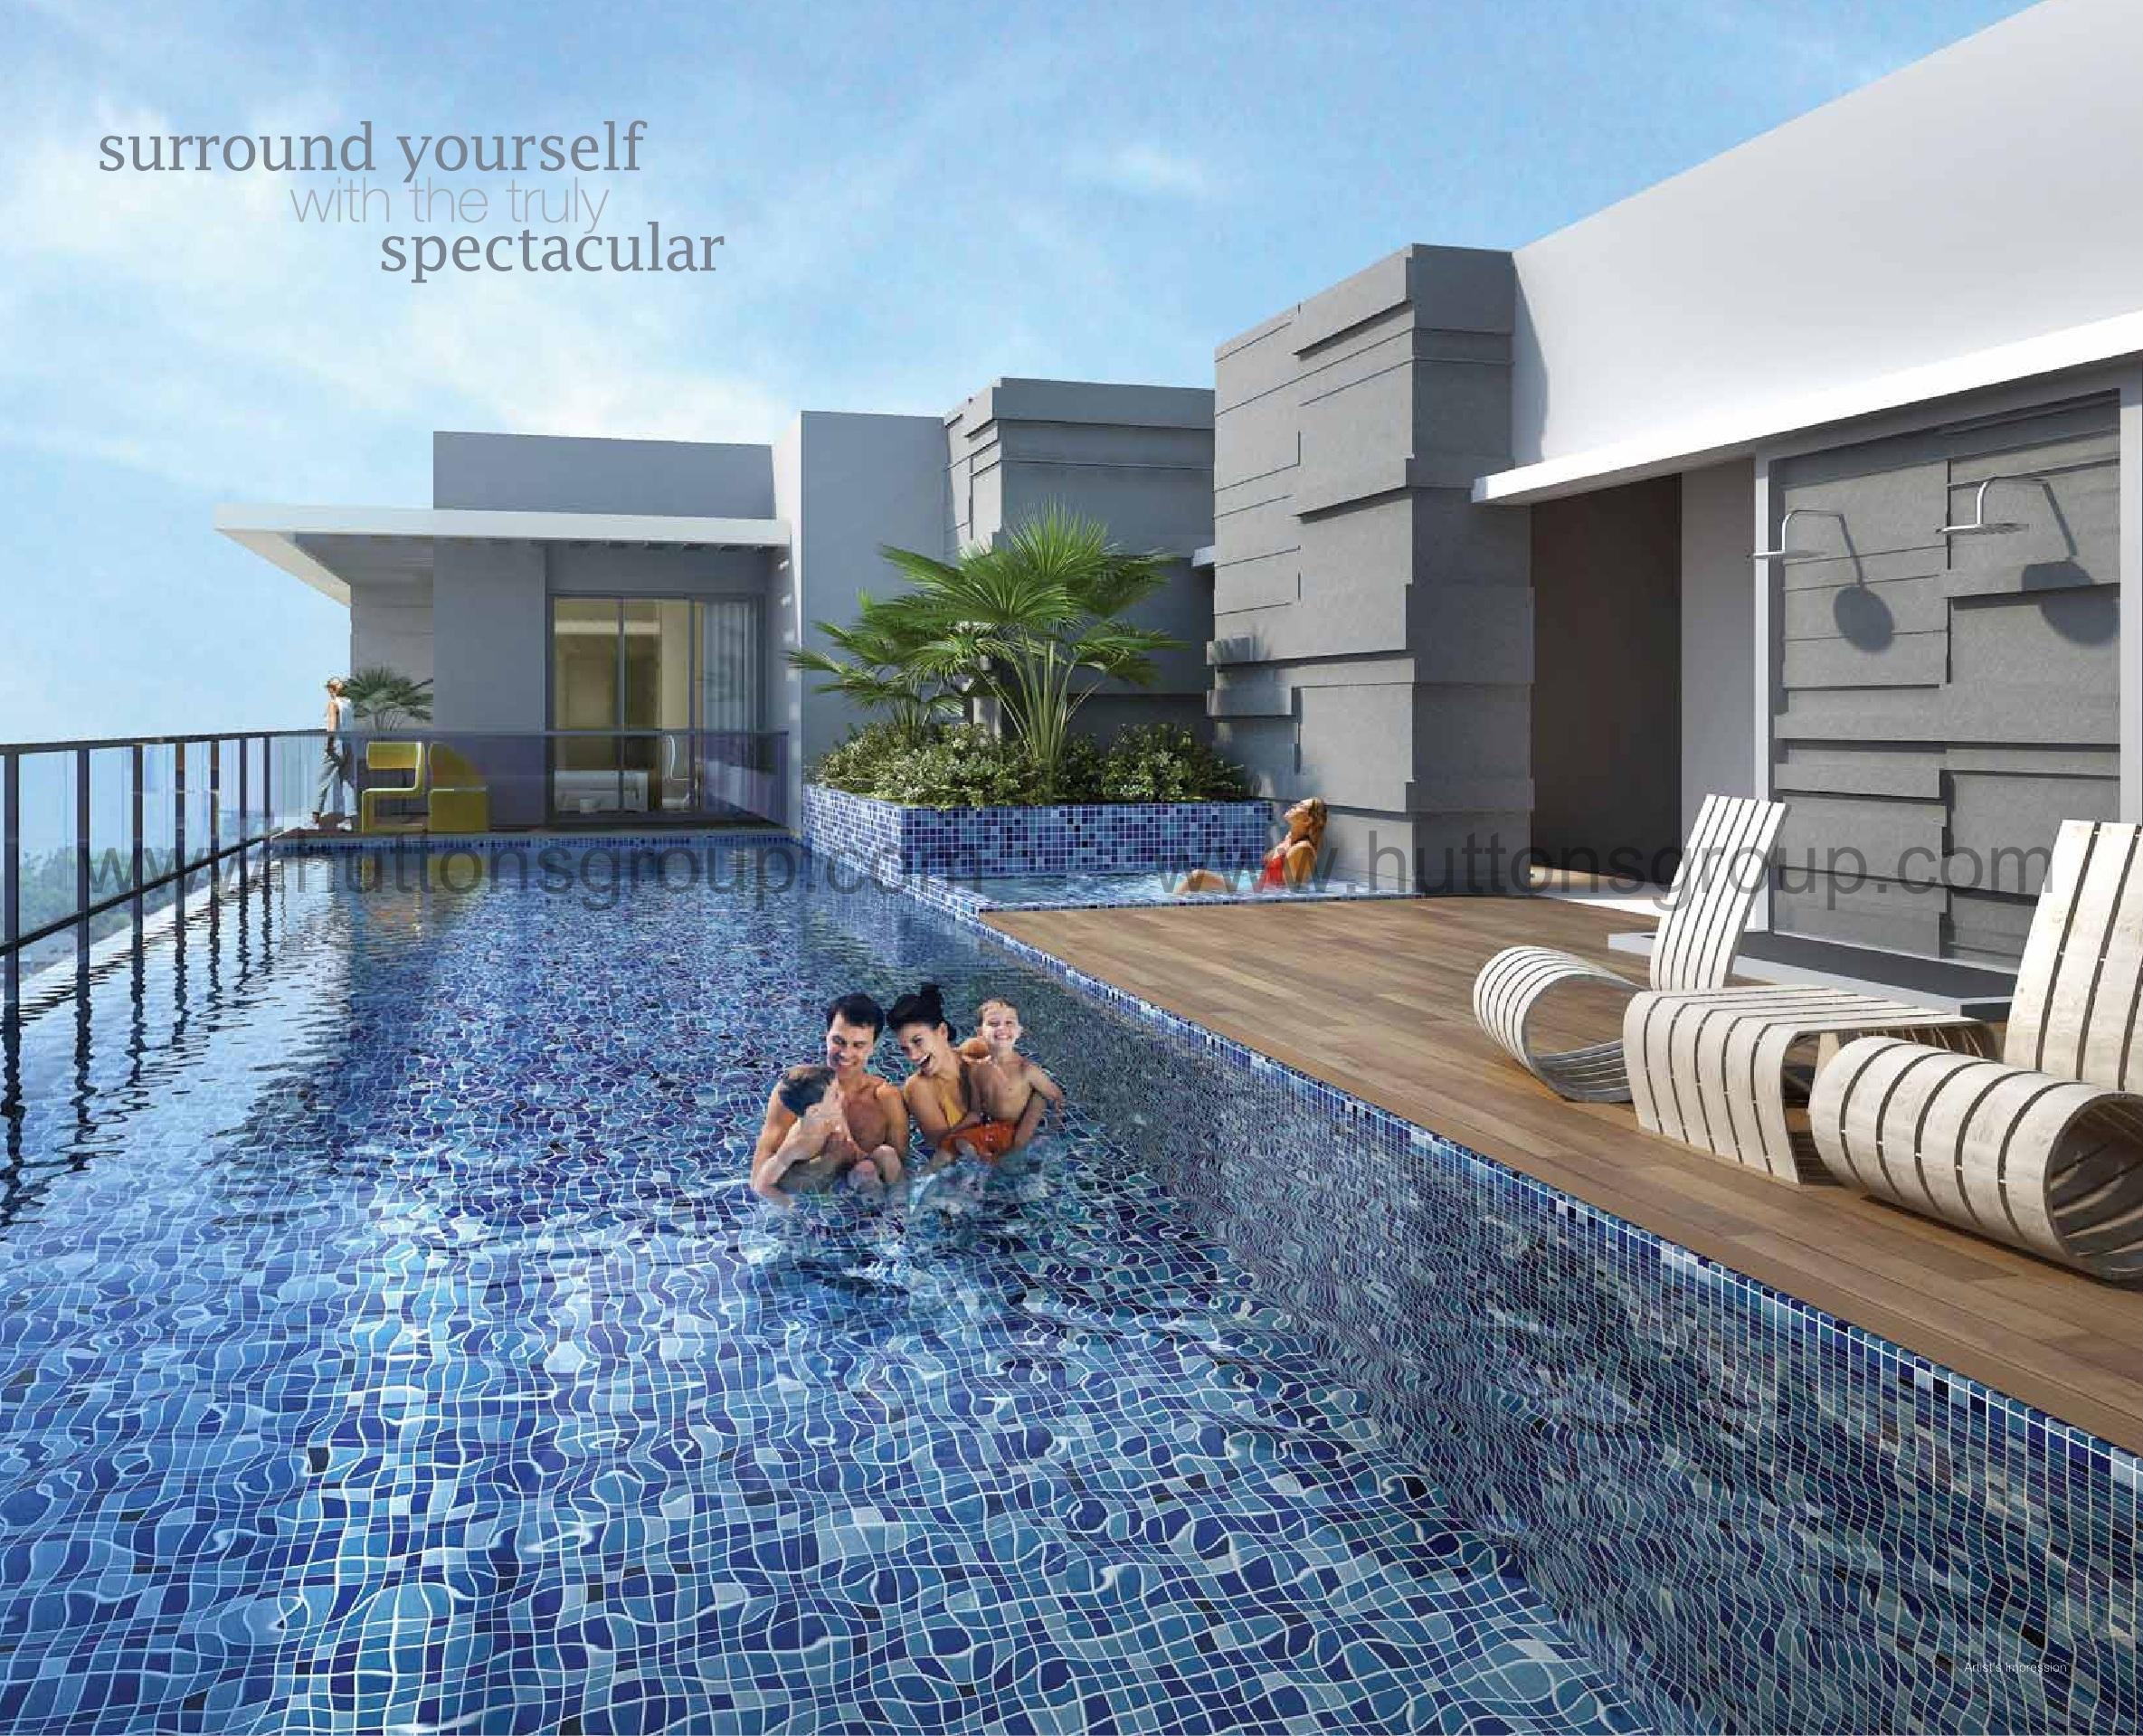 Idyllic-Suites Pool 2 idyllic suites Idyllic Suites Singapore   Showflat Hotline +65 61007122 idyllic suites pool 2